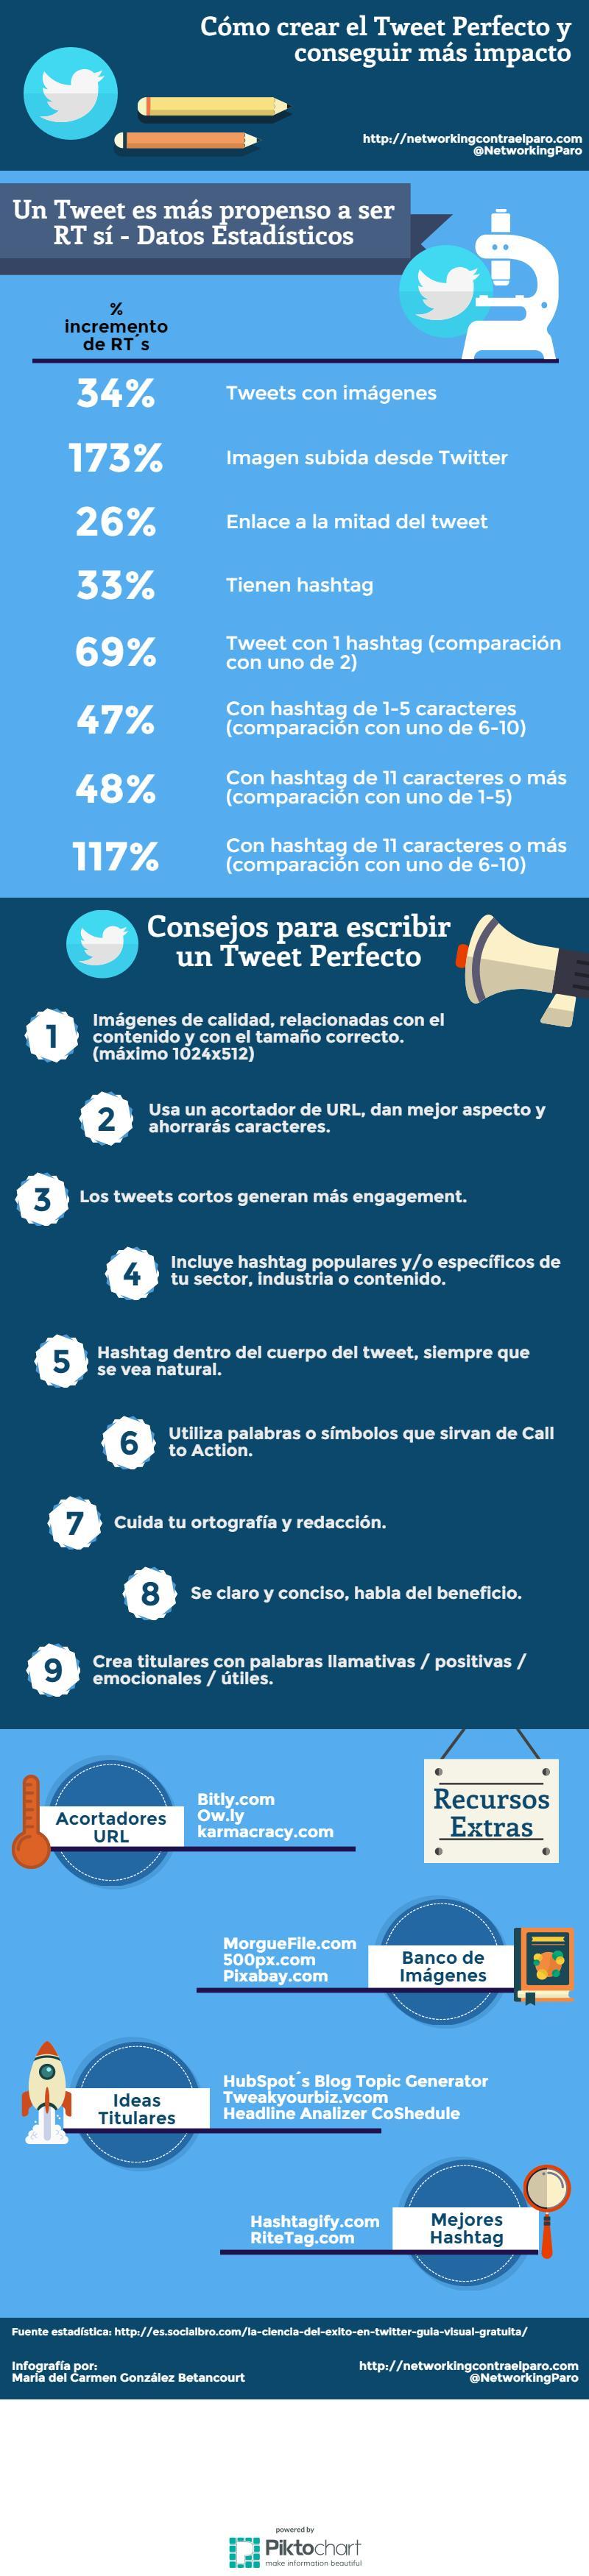 Cómo escribir el Tweet Perfecto y conseguir más impacto